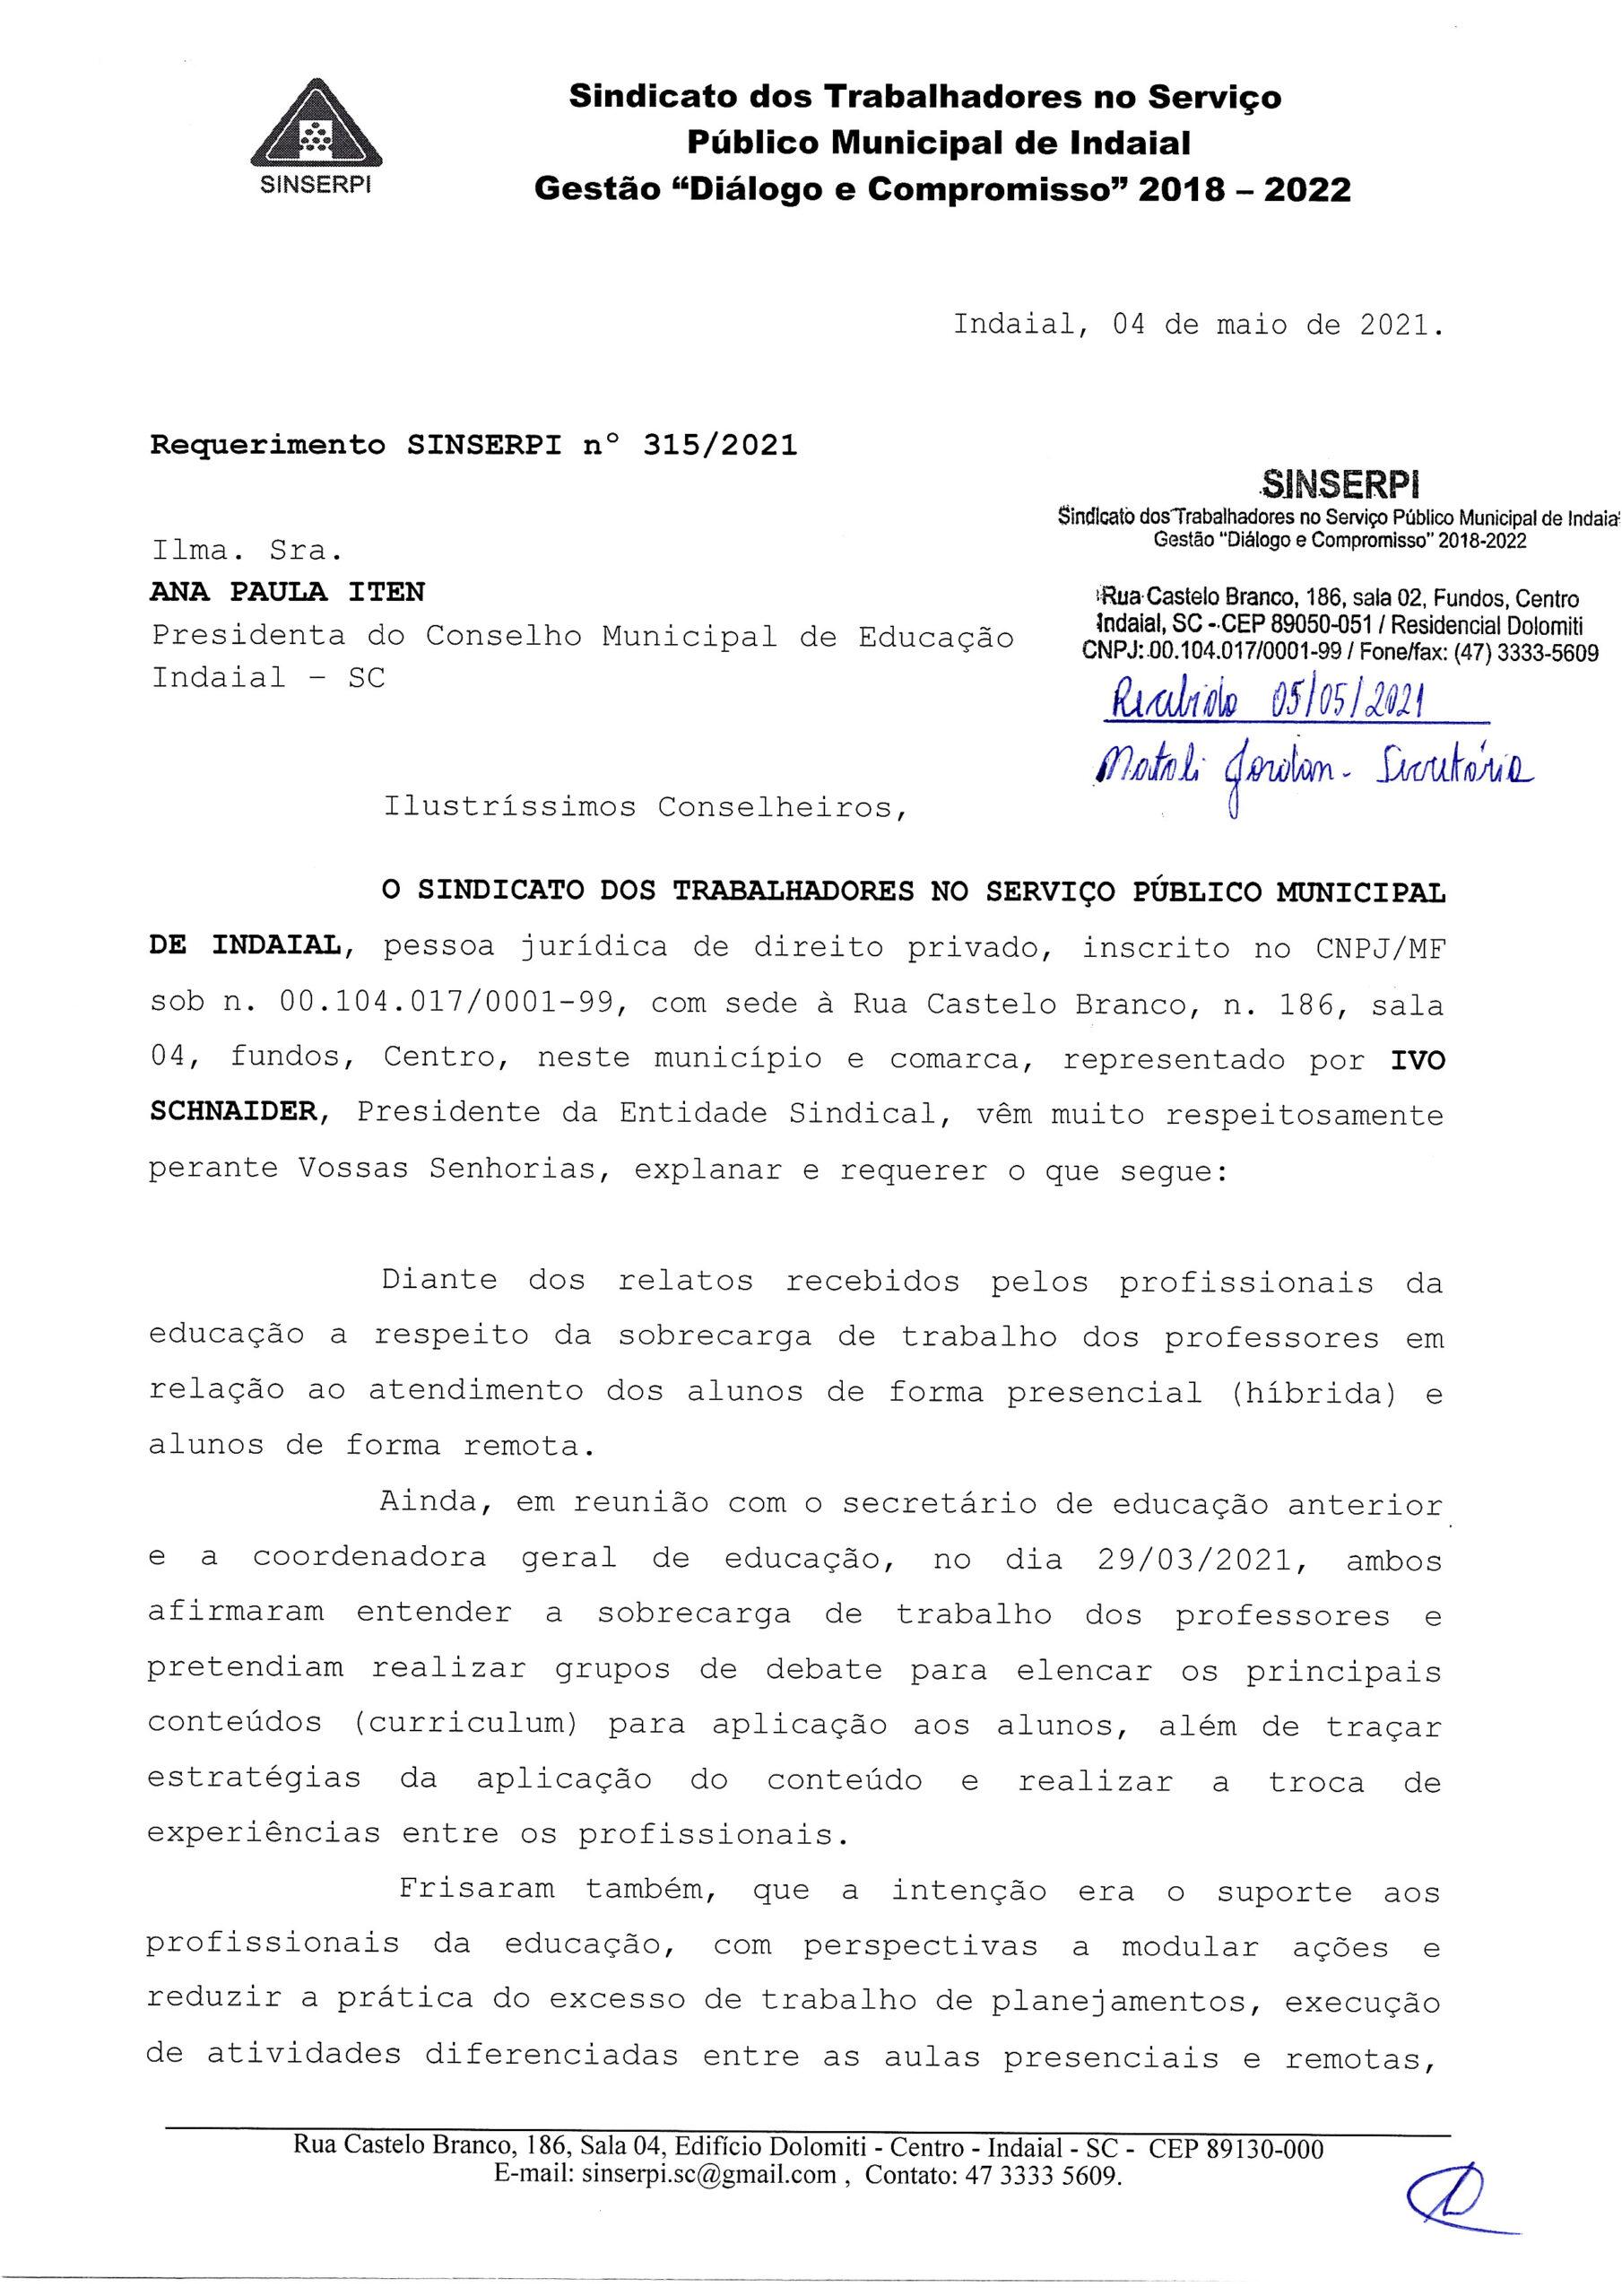 SINSERPI recebe resposta do Conselho Municipal de Educação – COMED referente aos questionamentos do requerimento nº 315/2021.